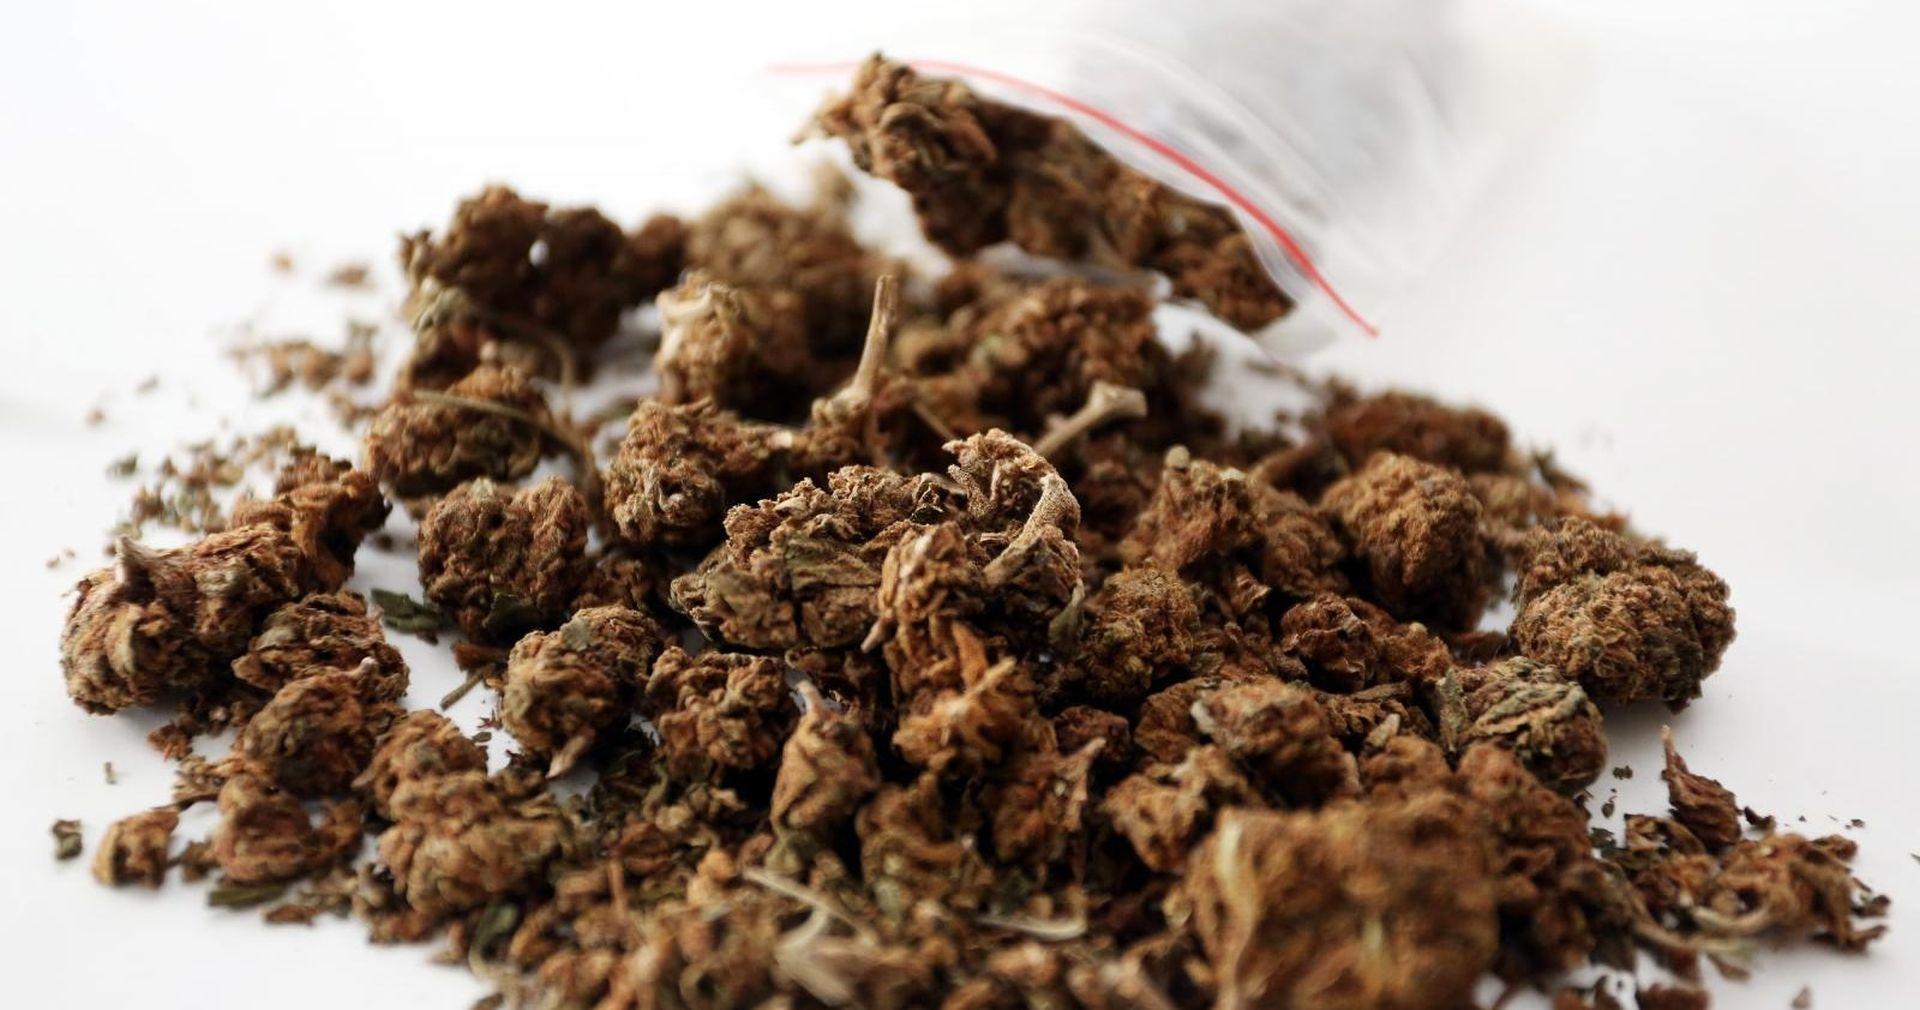 Zaustavljen sa šest kila marihuane, kod kuće imao još 4,5